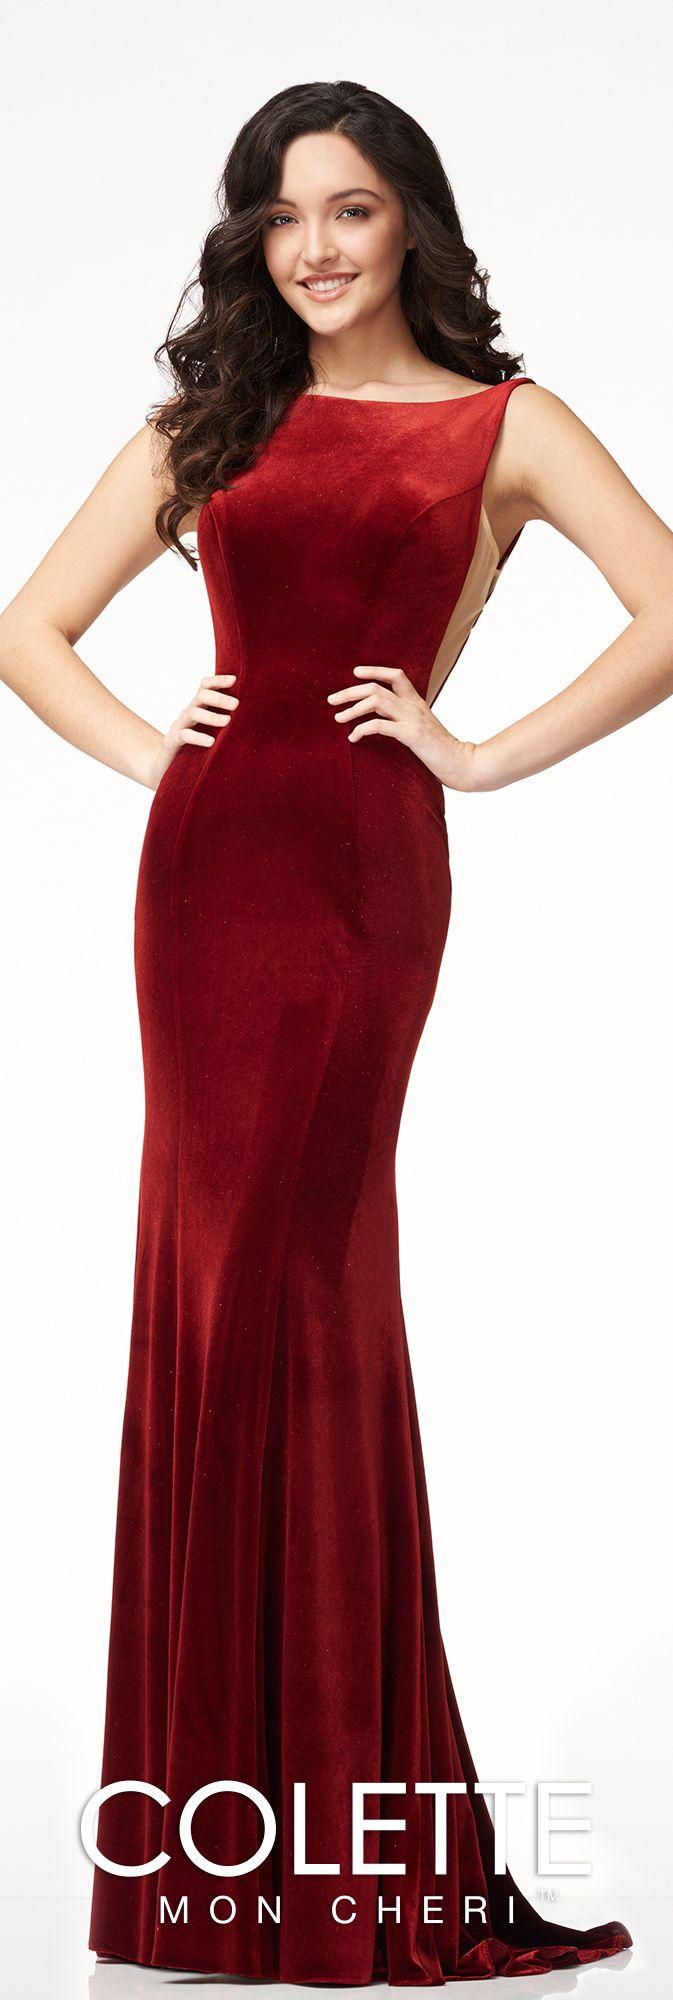 Old Hollywood Velvet Open Back Formal Dress - Colette for Mon Cheri ...